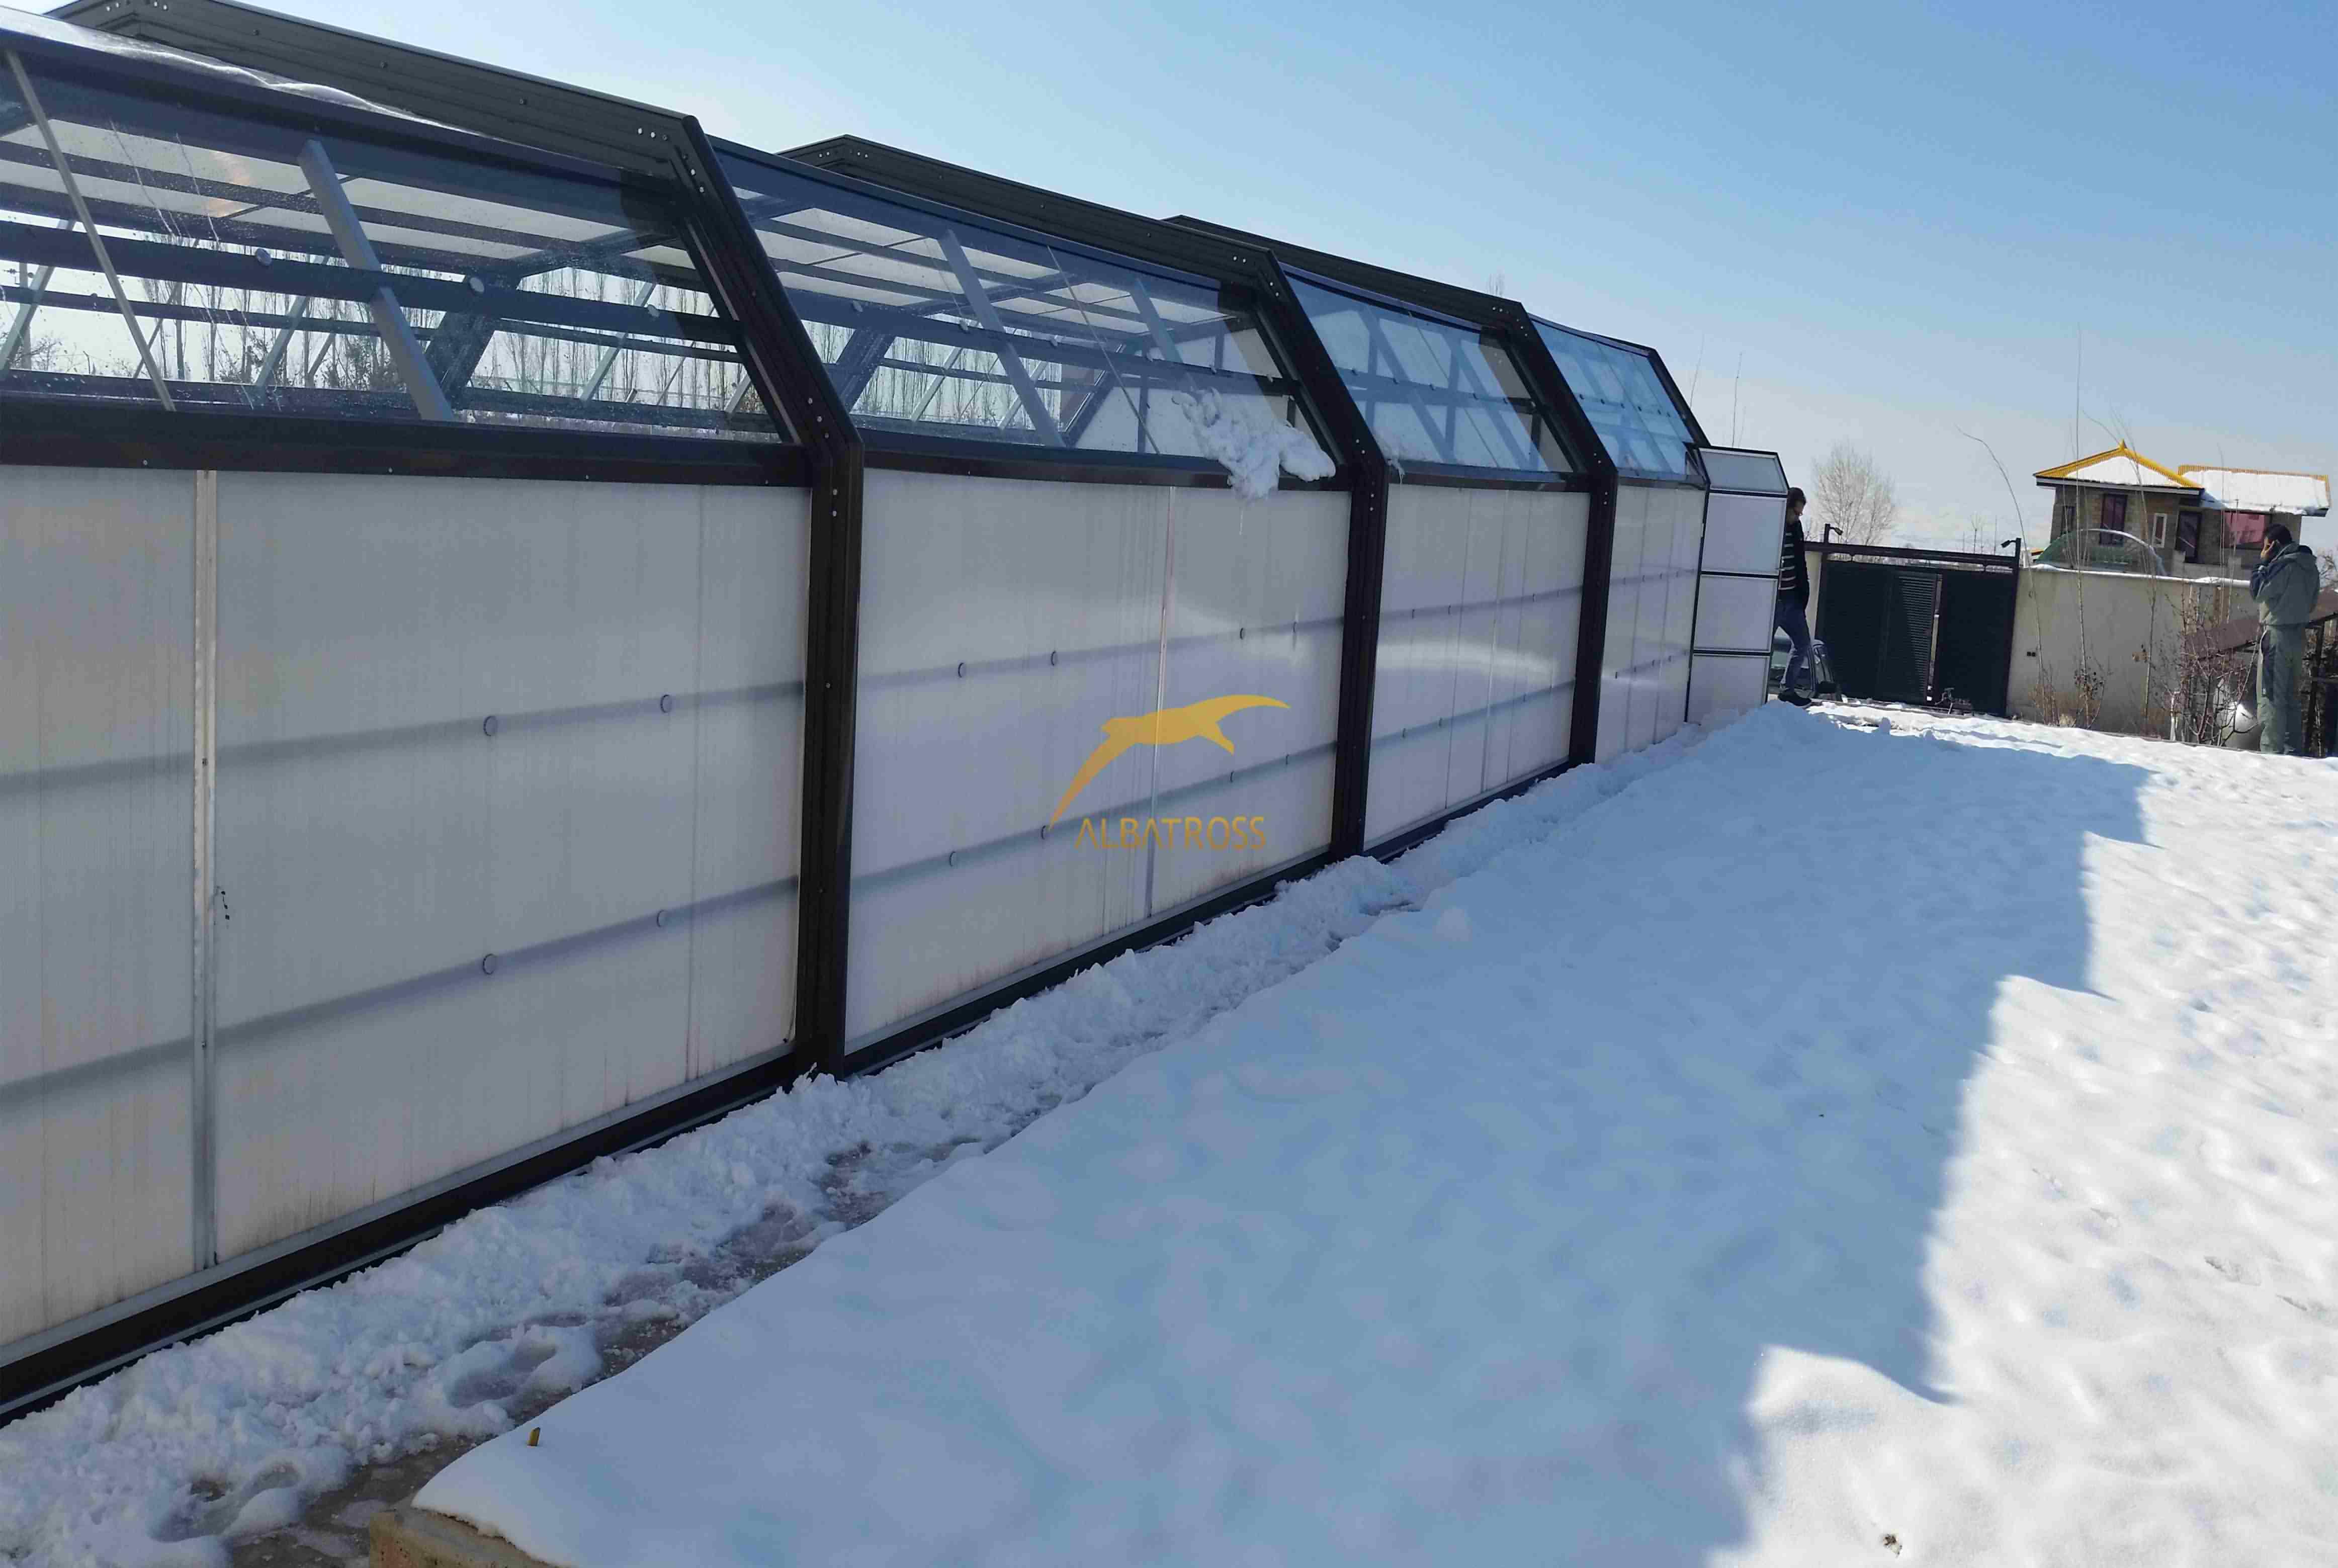 پروژه تلسکوپی پوشش استخر آبسرد دماوند